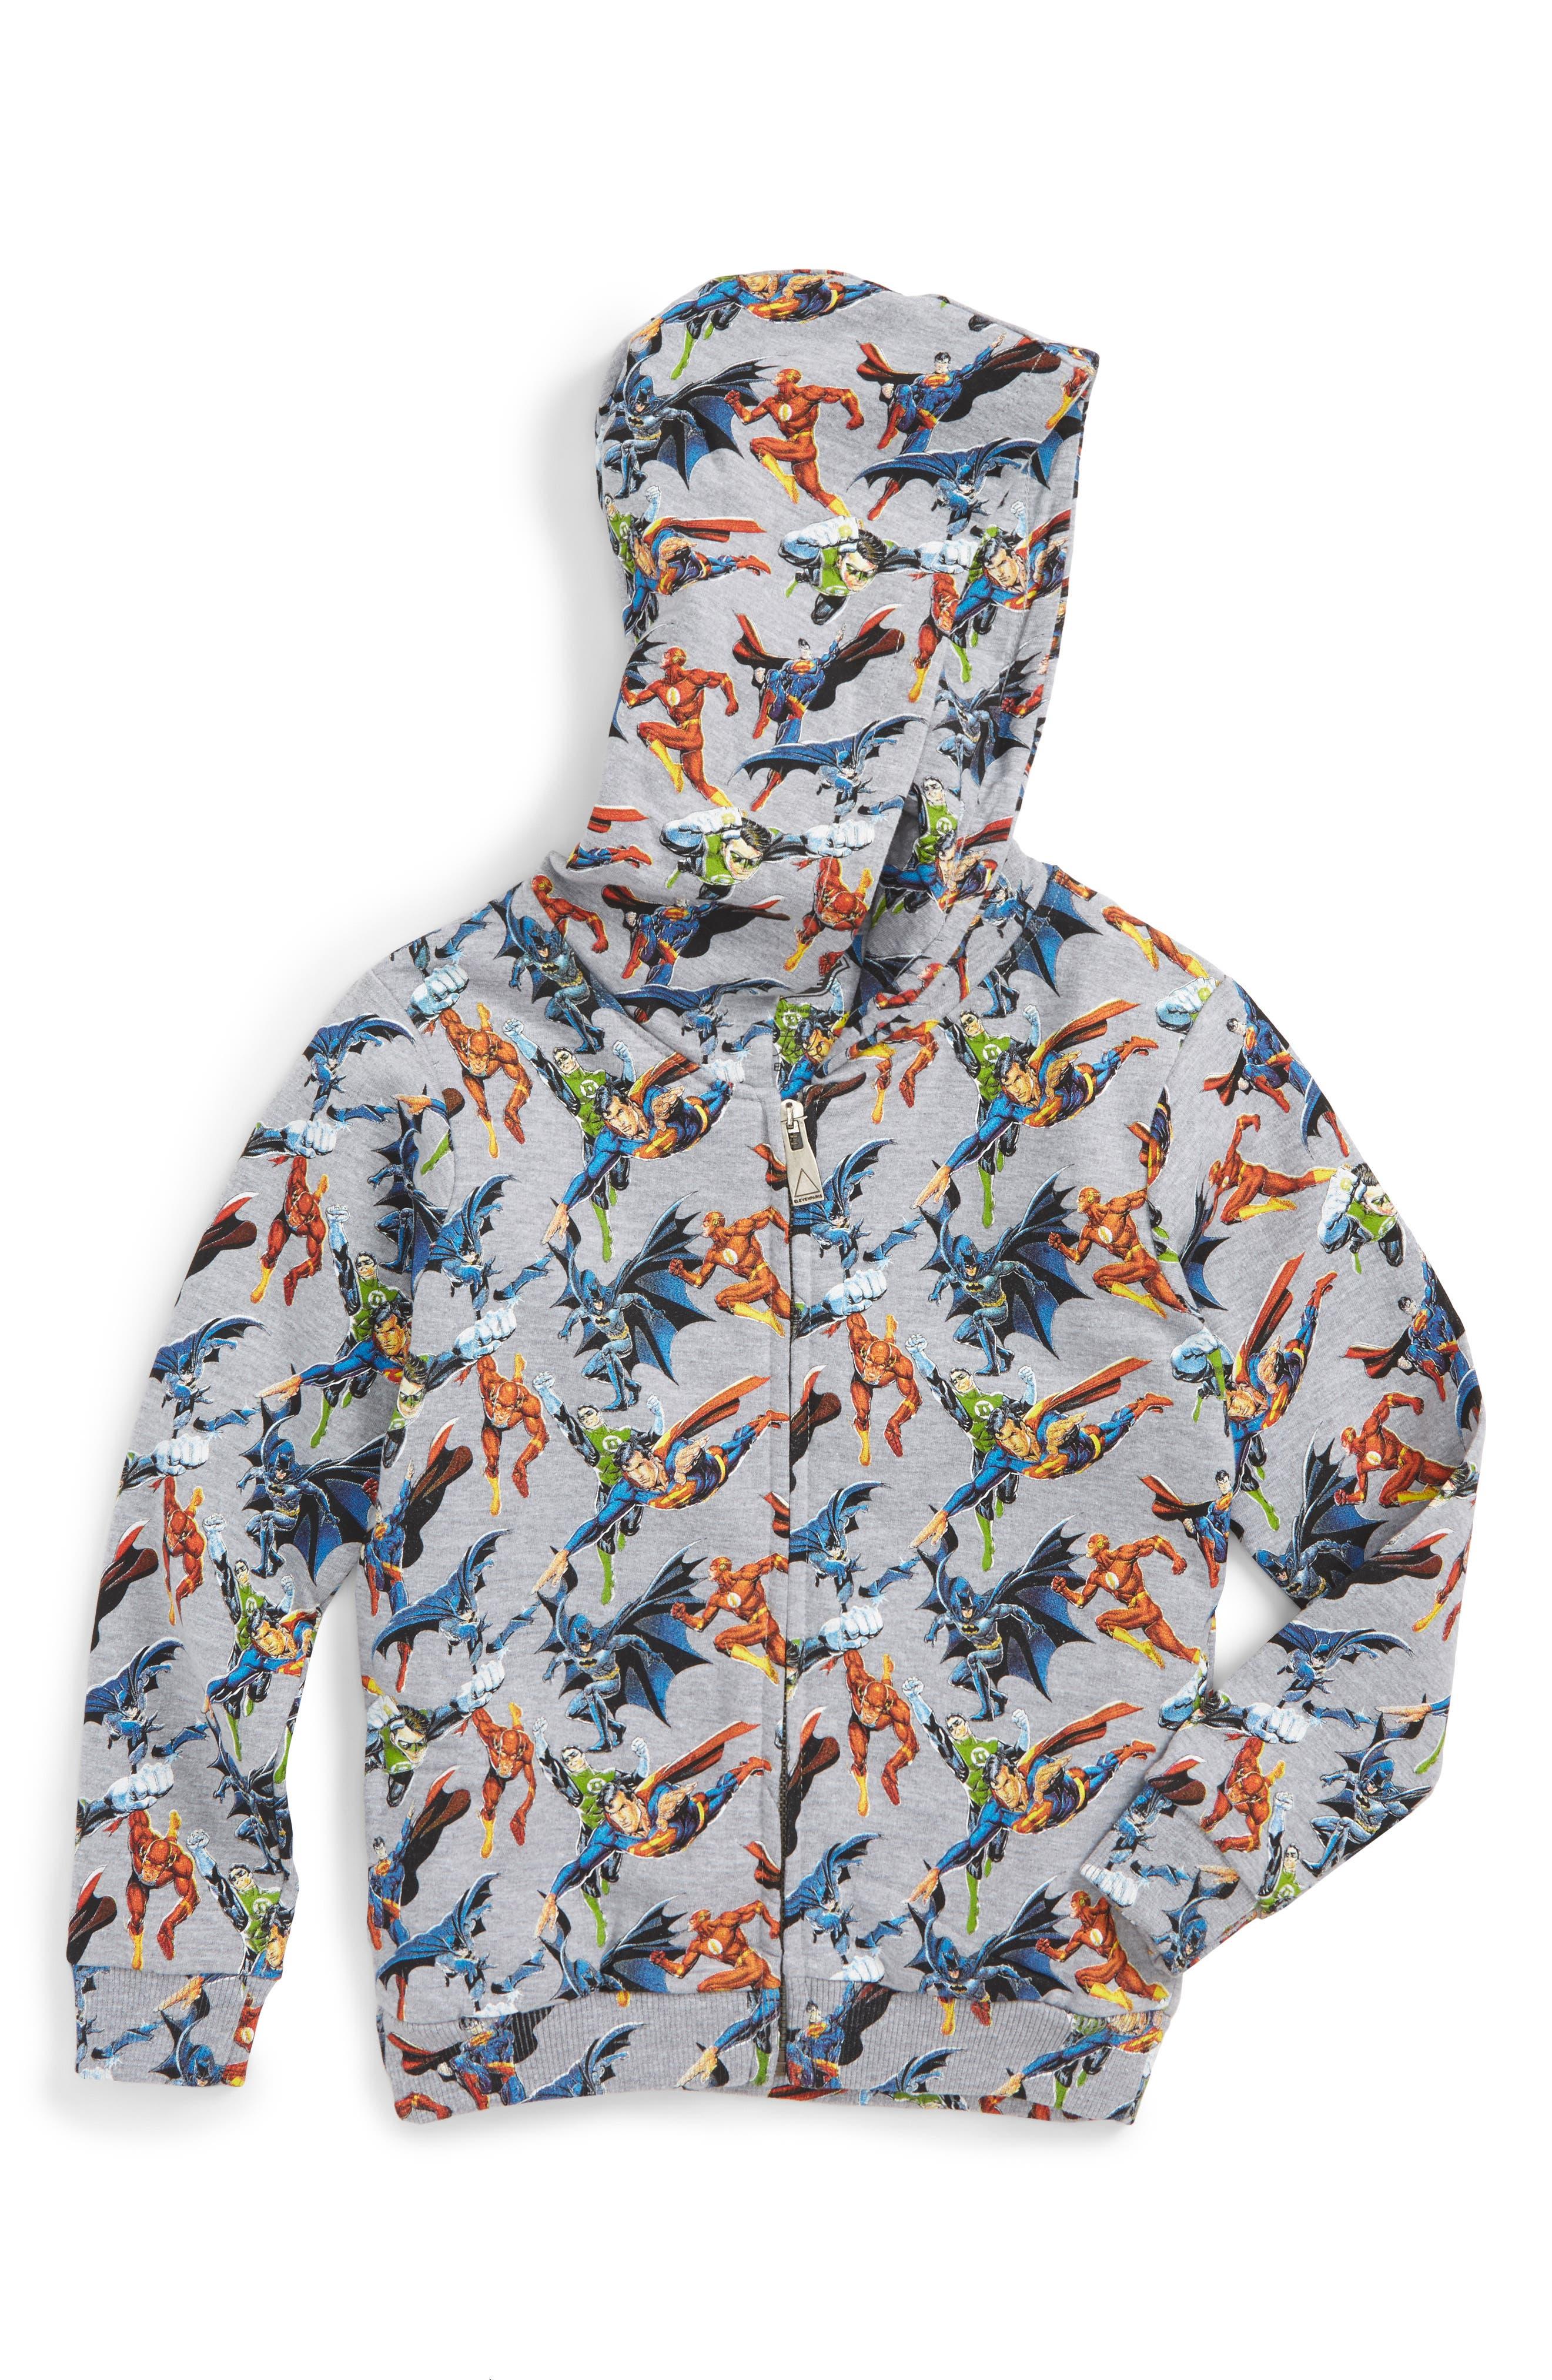 Super Heros Graphic Zip Hoodie,                             Main thumbnail 1, color,                             Grey